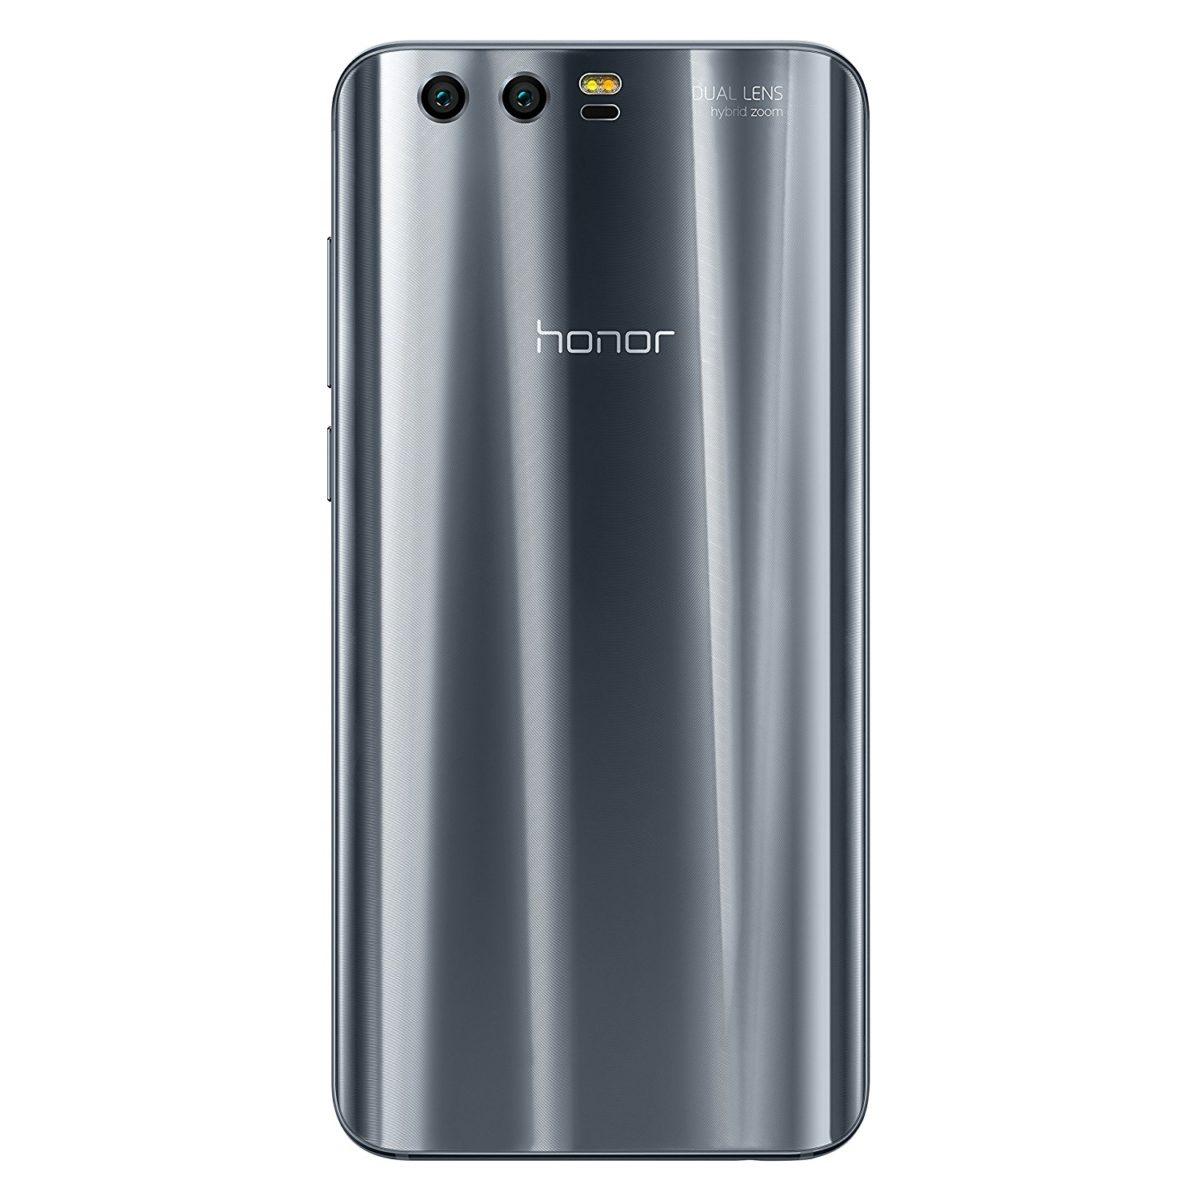 [BEENDET] Gewinne exklusiv auf AndroidKosmos.de das neue Honor 9 Smartphone 6